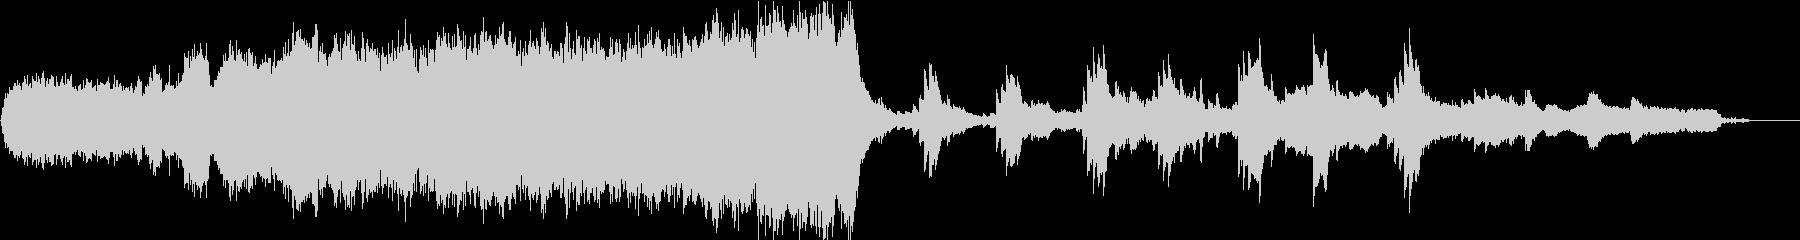 壮大なオーケストラと切ないフルートソロの未再生の波形